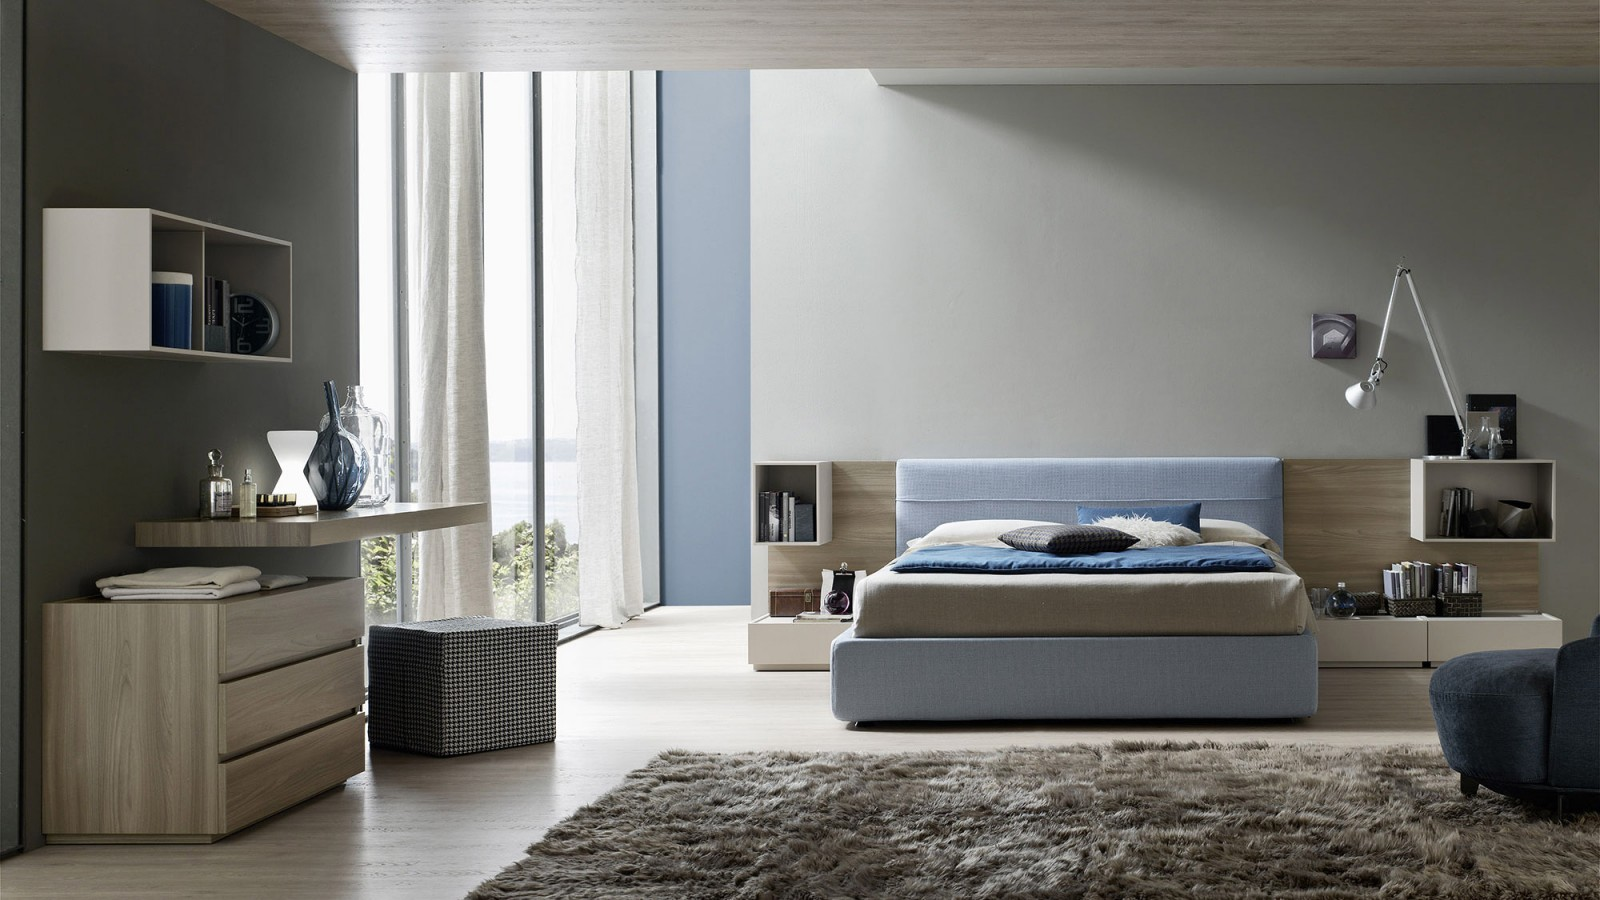 Gruppo notte moderno con moduli e comodini sospesi - Mobili sospesi per camera da letto ...